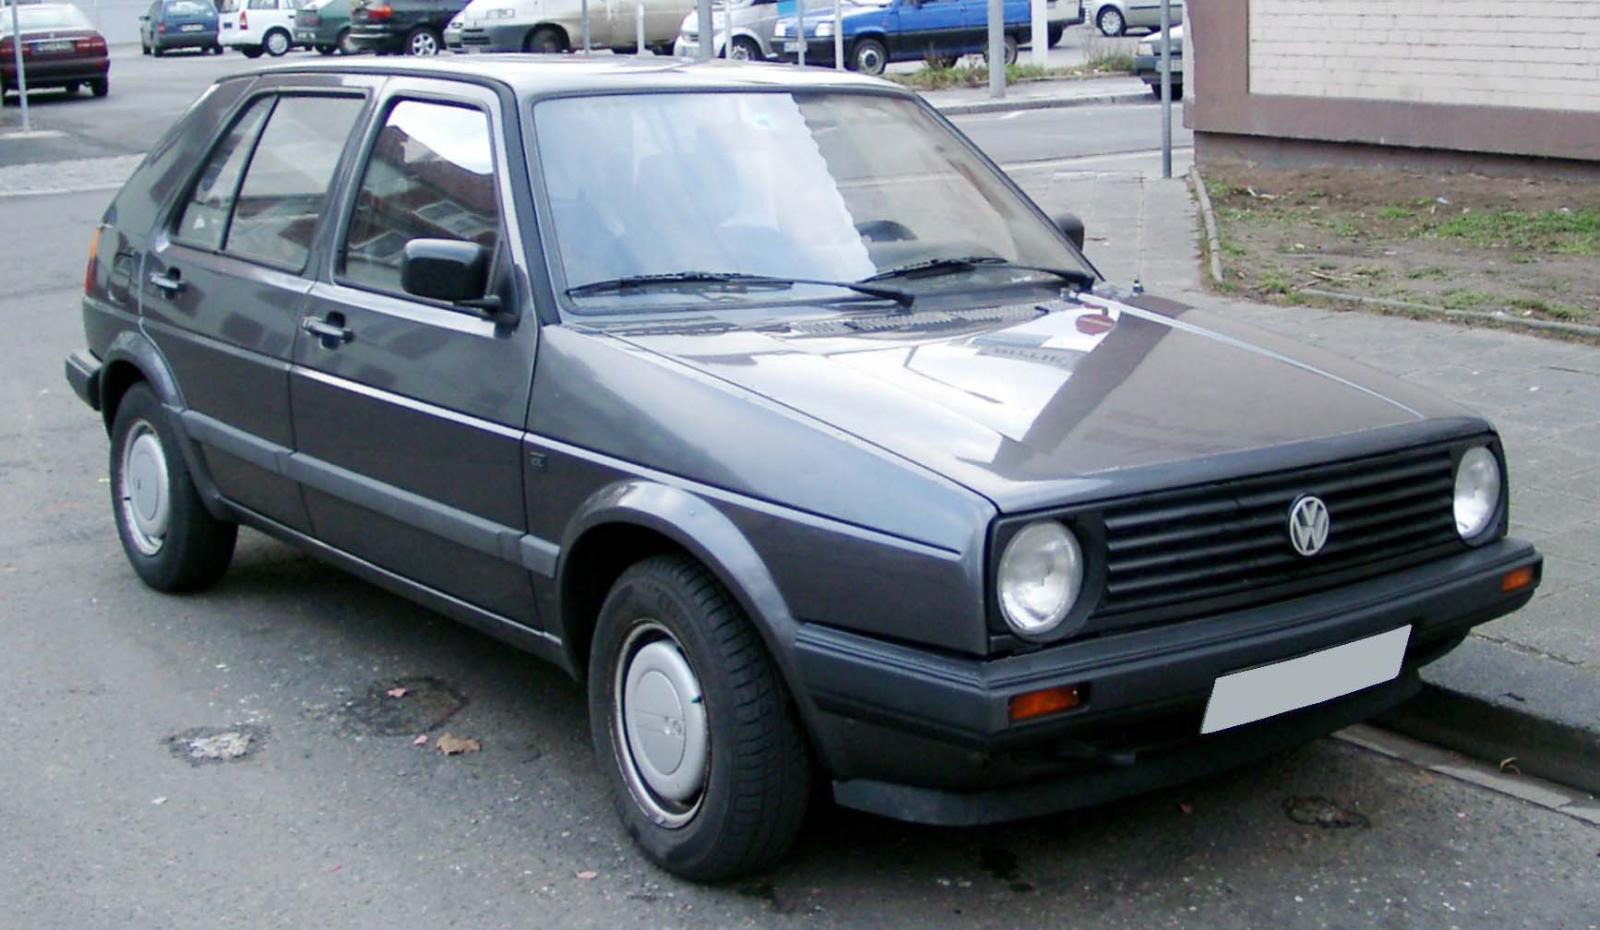 El Volkswagen Golf II tuvo una mejora importante de la primera generación